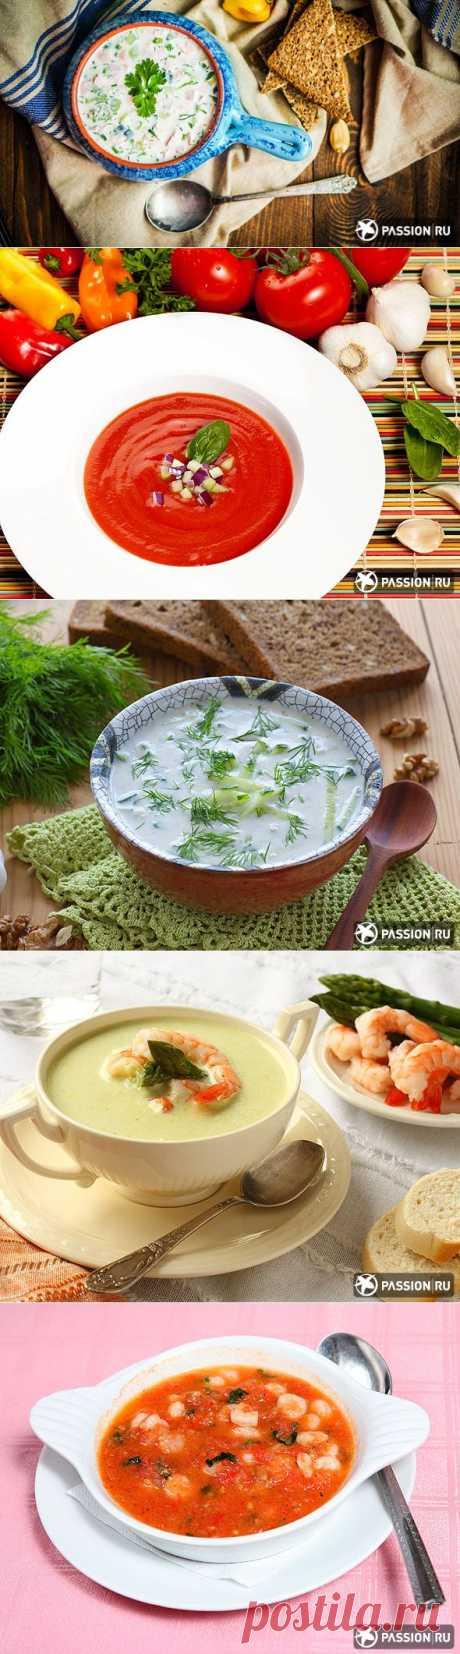 7 новых рецептов холодных супов